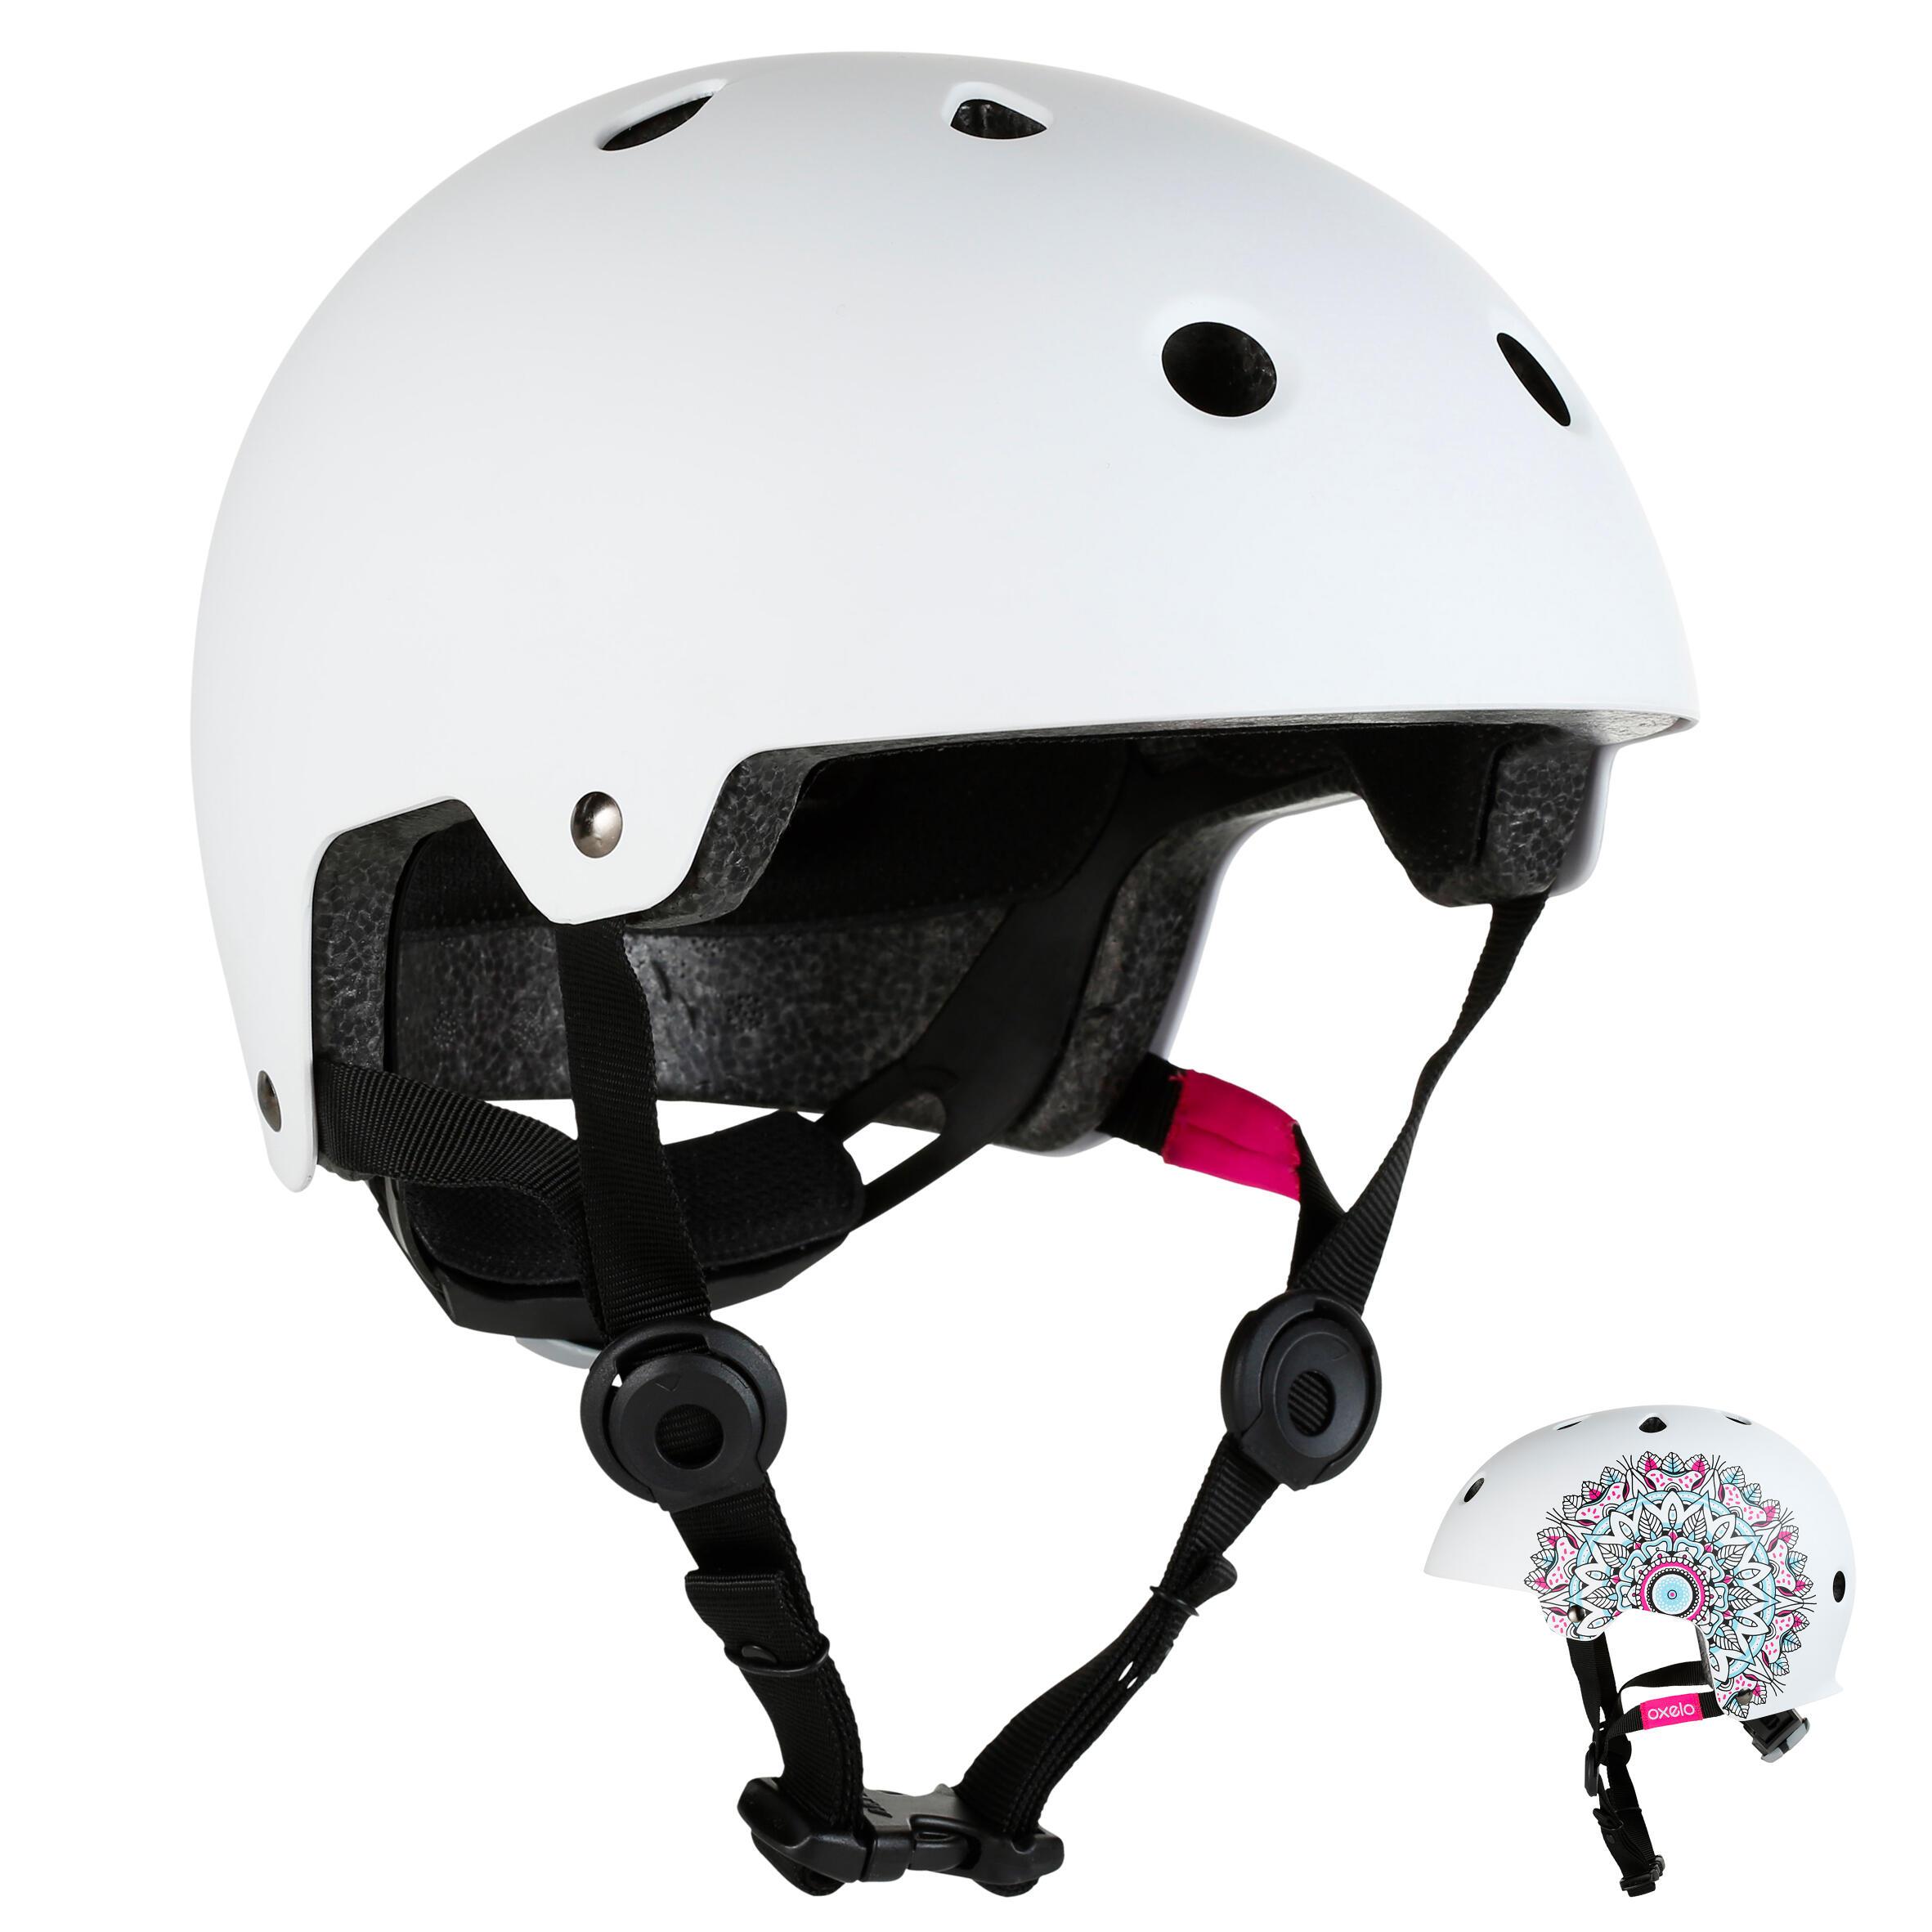 Helm Play 7 voor skeeleren skateboarden steppen fietsen Mandala